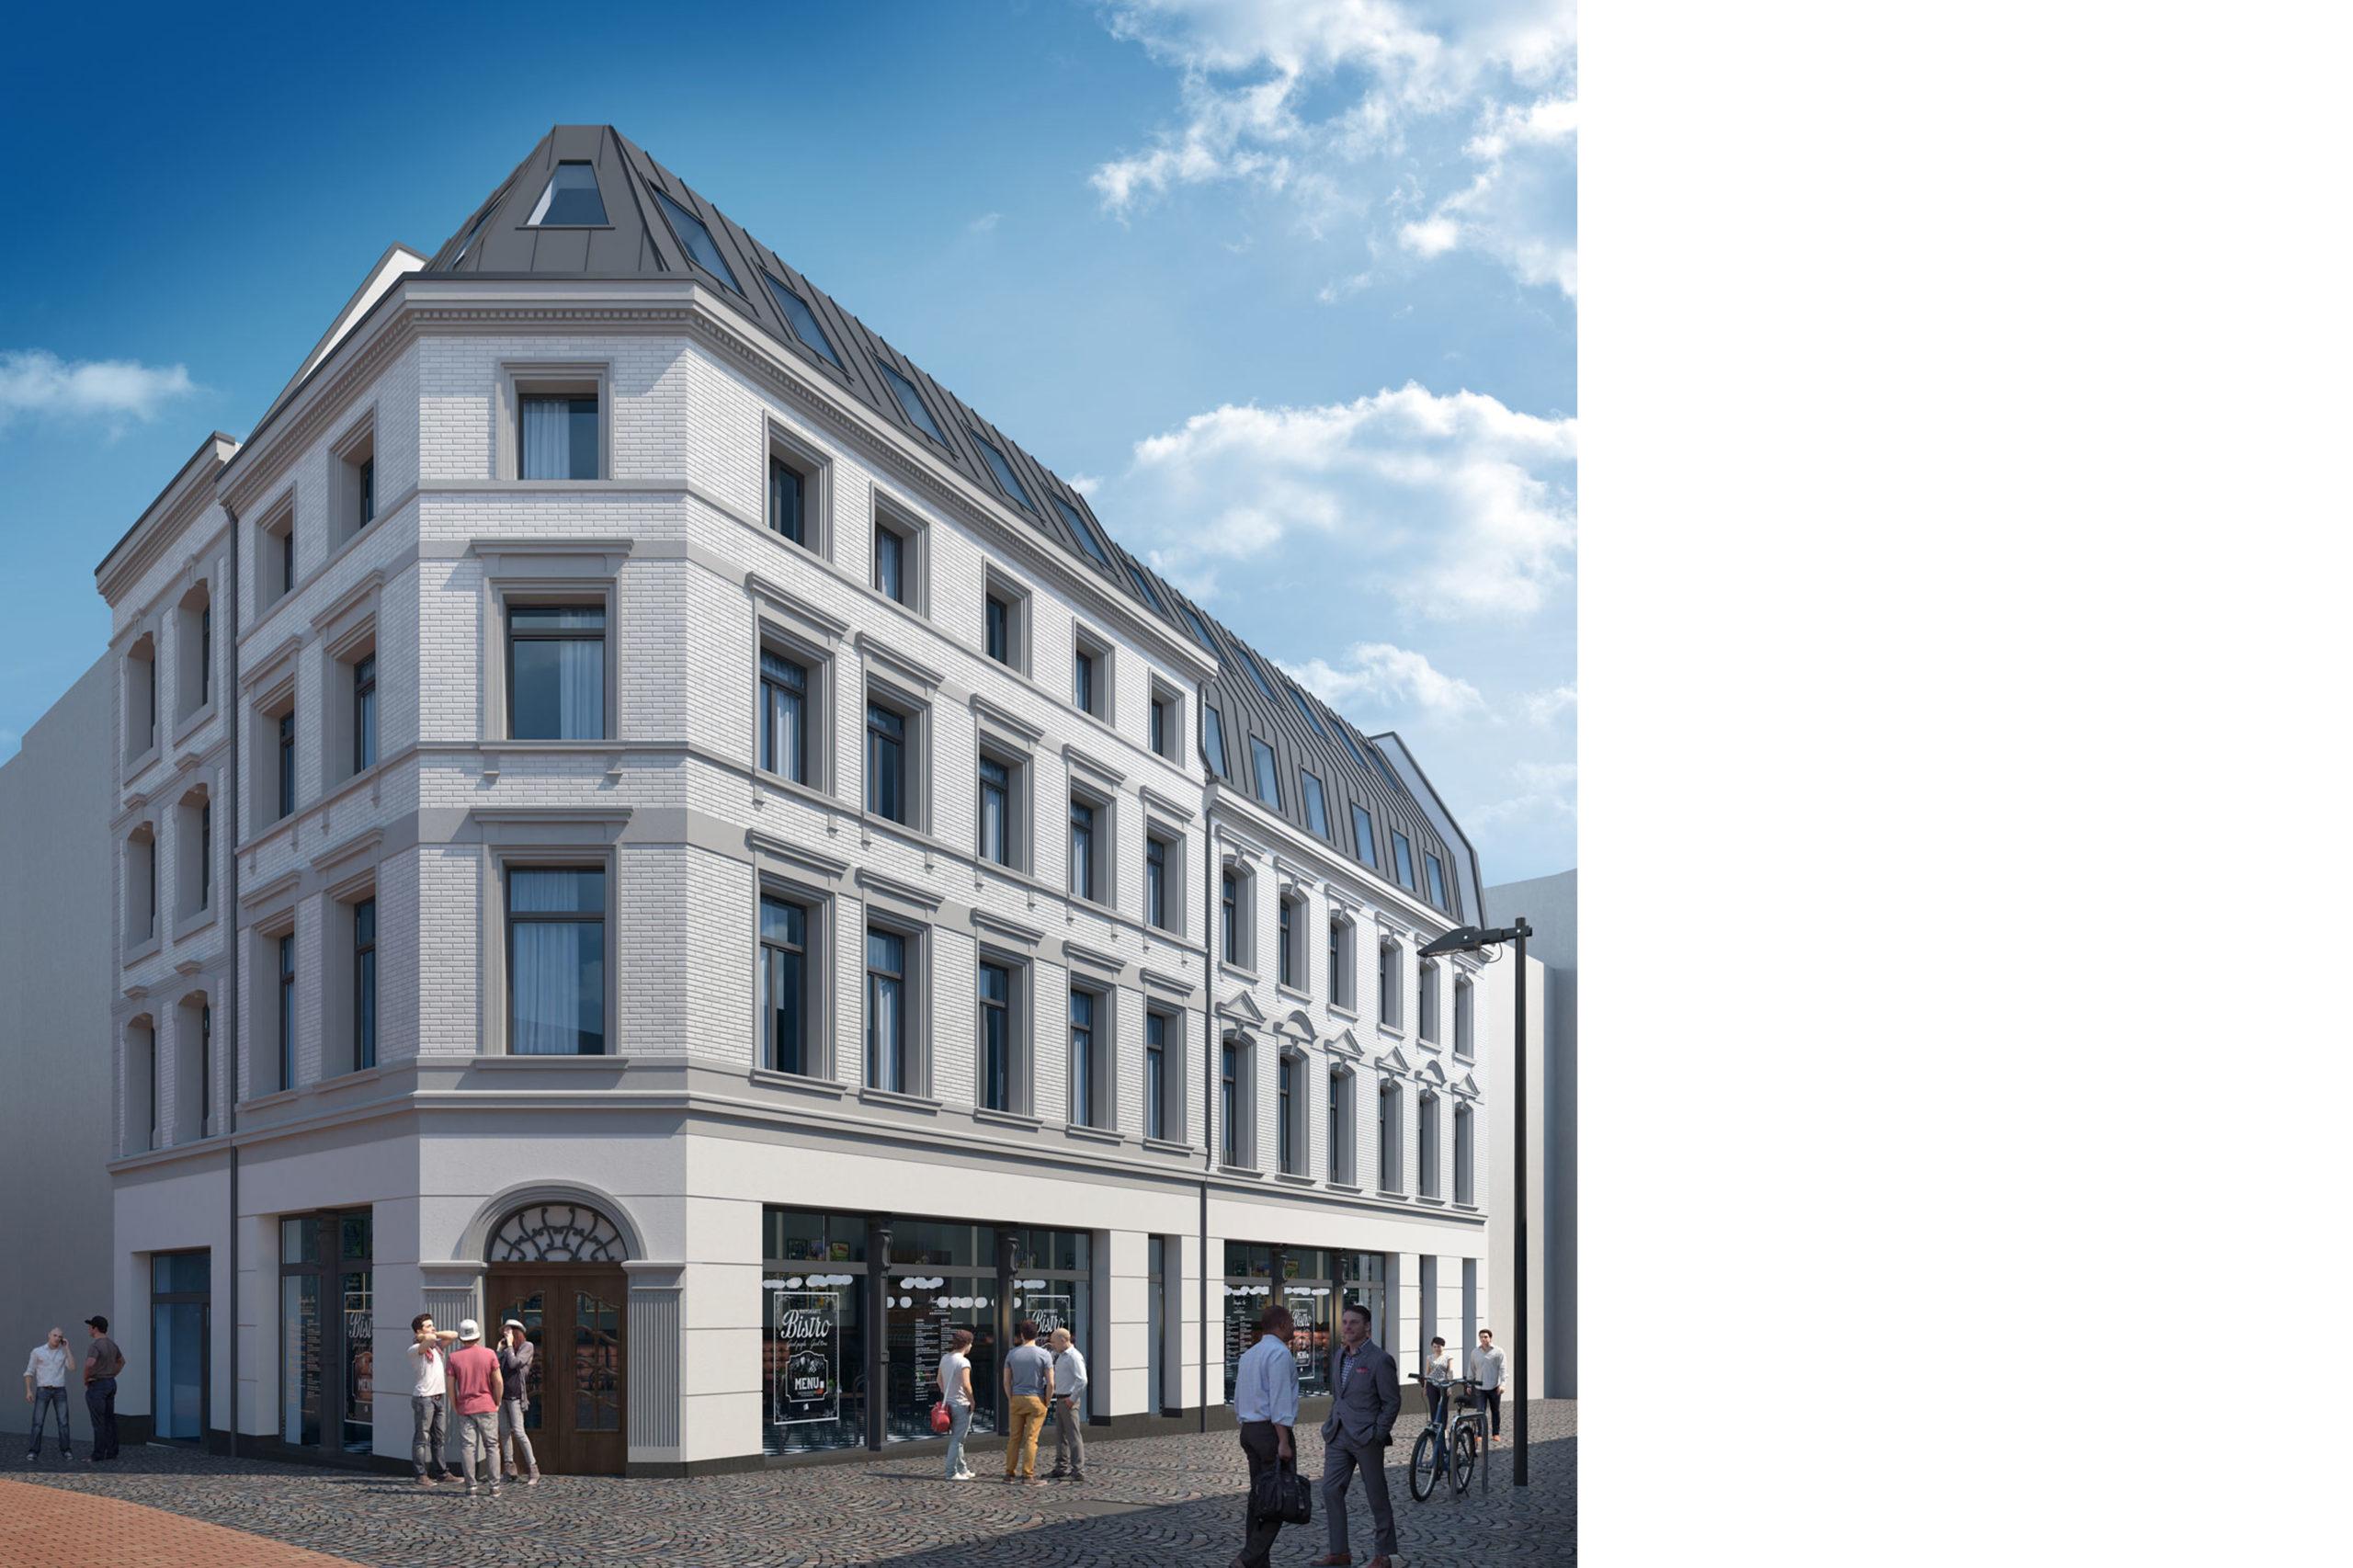 Mefferdatisstraße,  Aachen I Zimmermann Architekten I Aachen